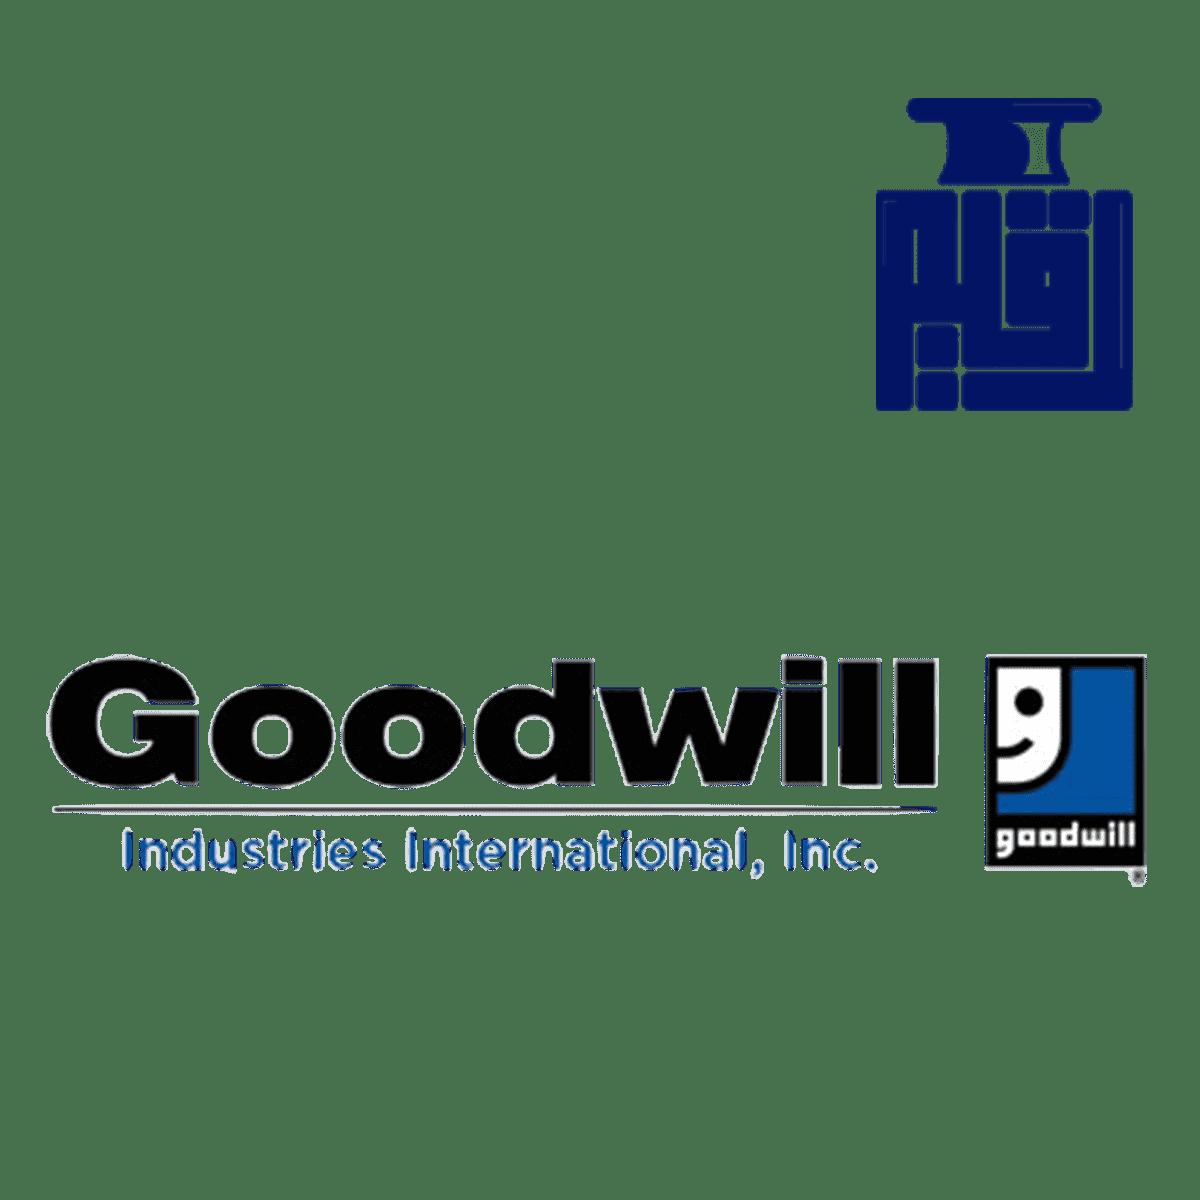 جمعية صناعات النوايا الحسنة الدولية (Goodwill Industries International)